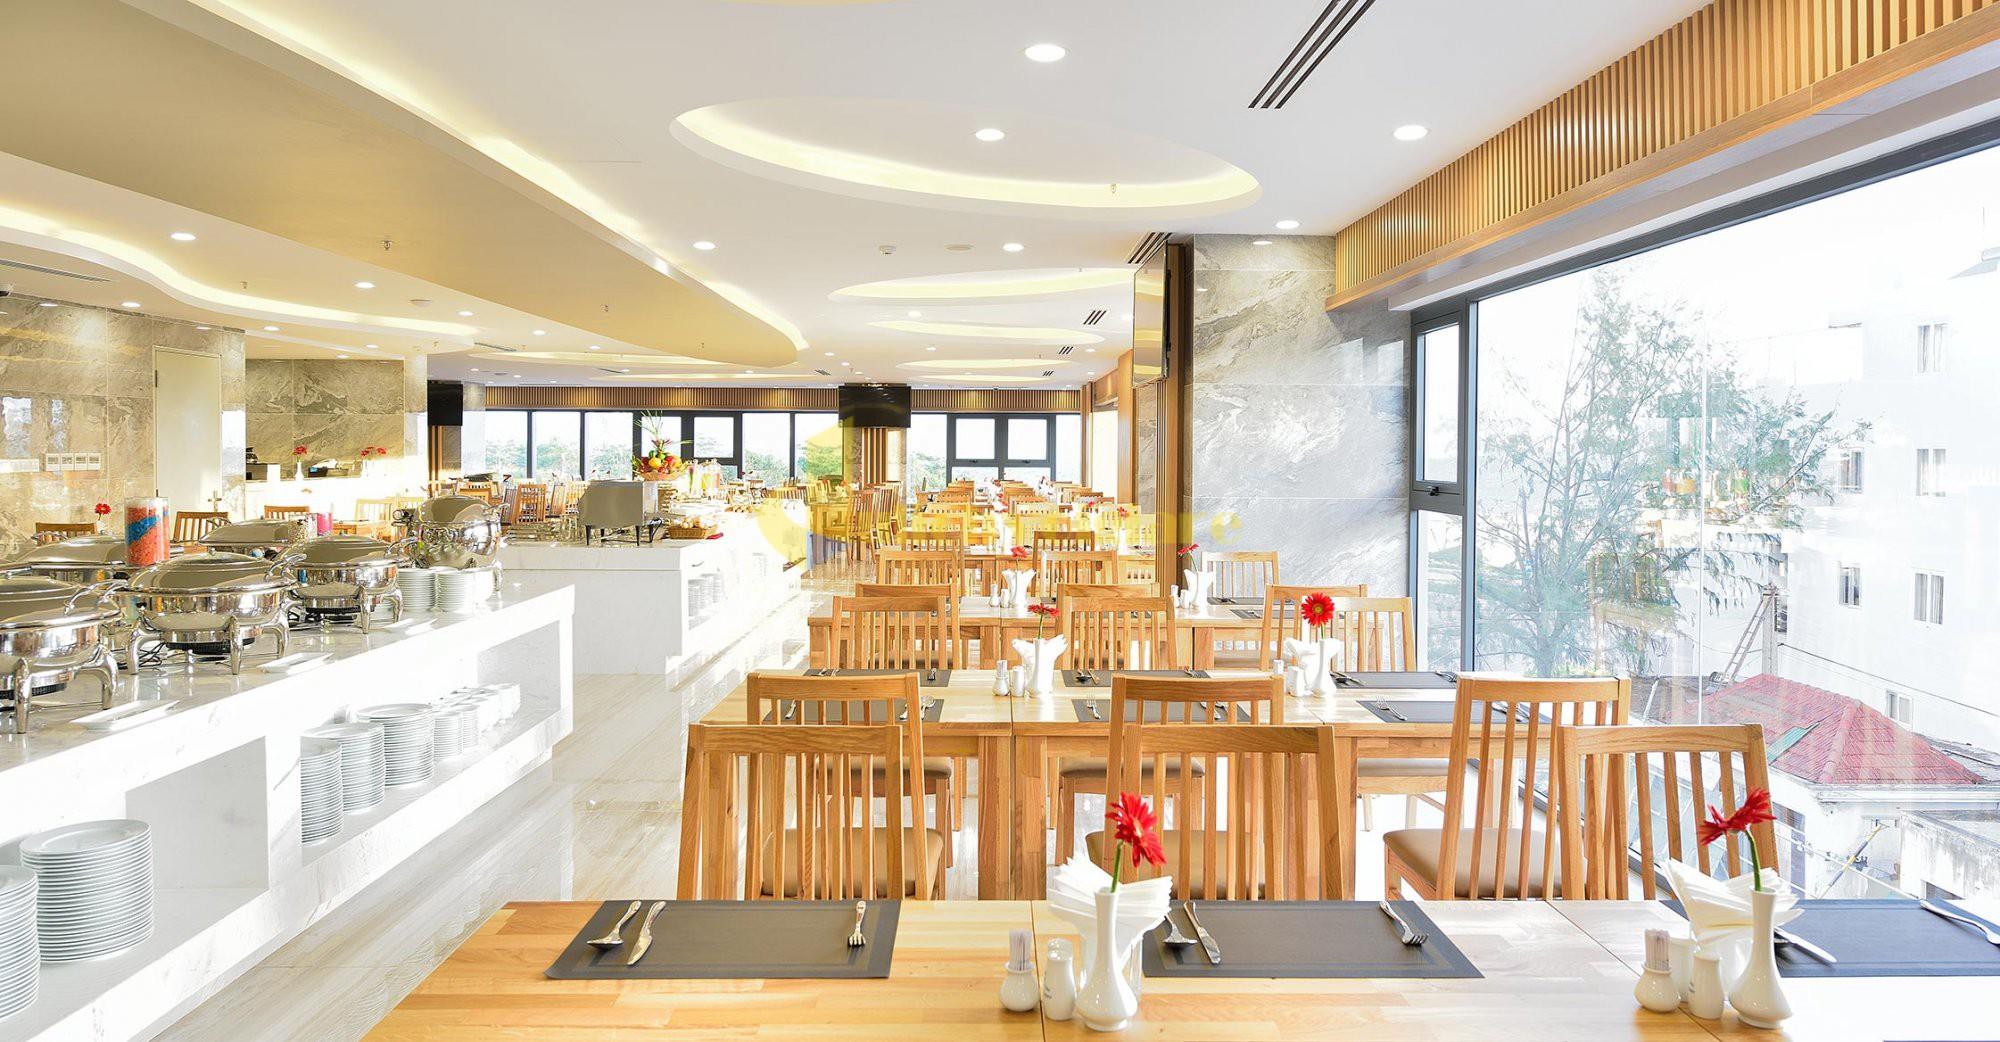 xavia-3 Top 10 Khách Sạn Đẹp Ngất Ngây Tại Nha Trang